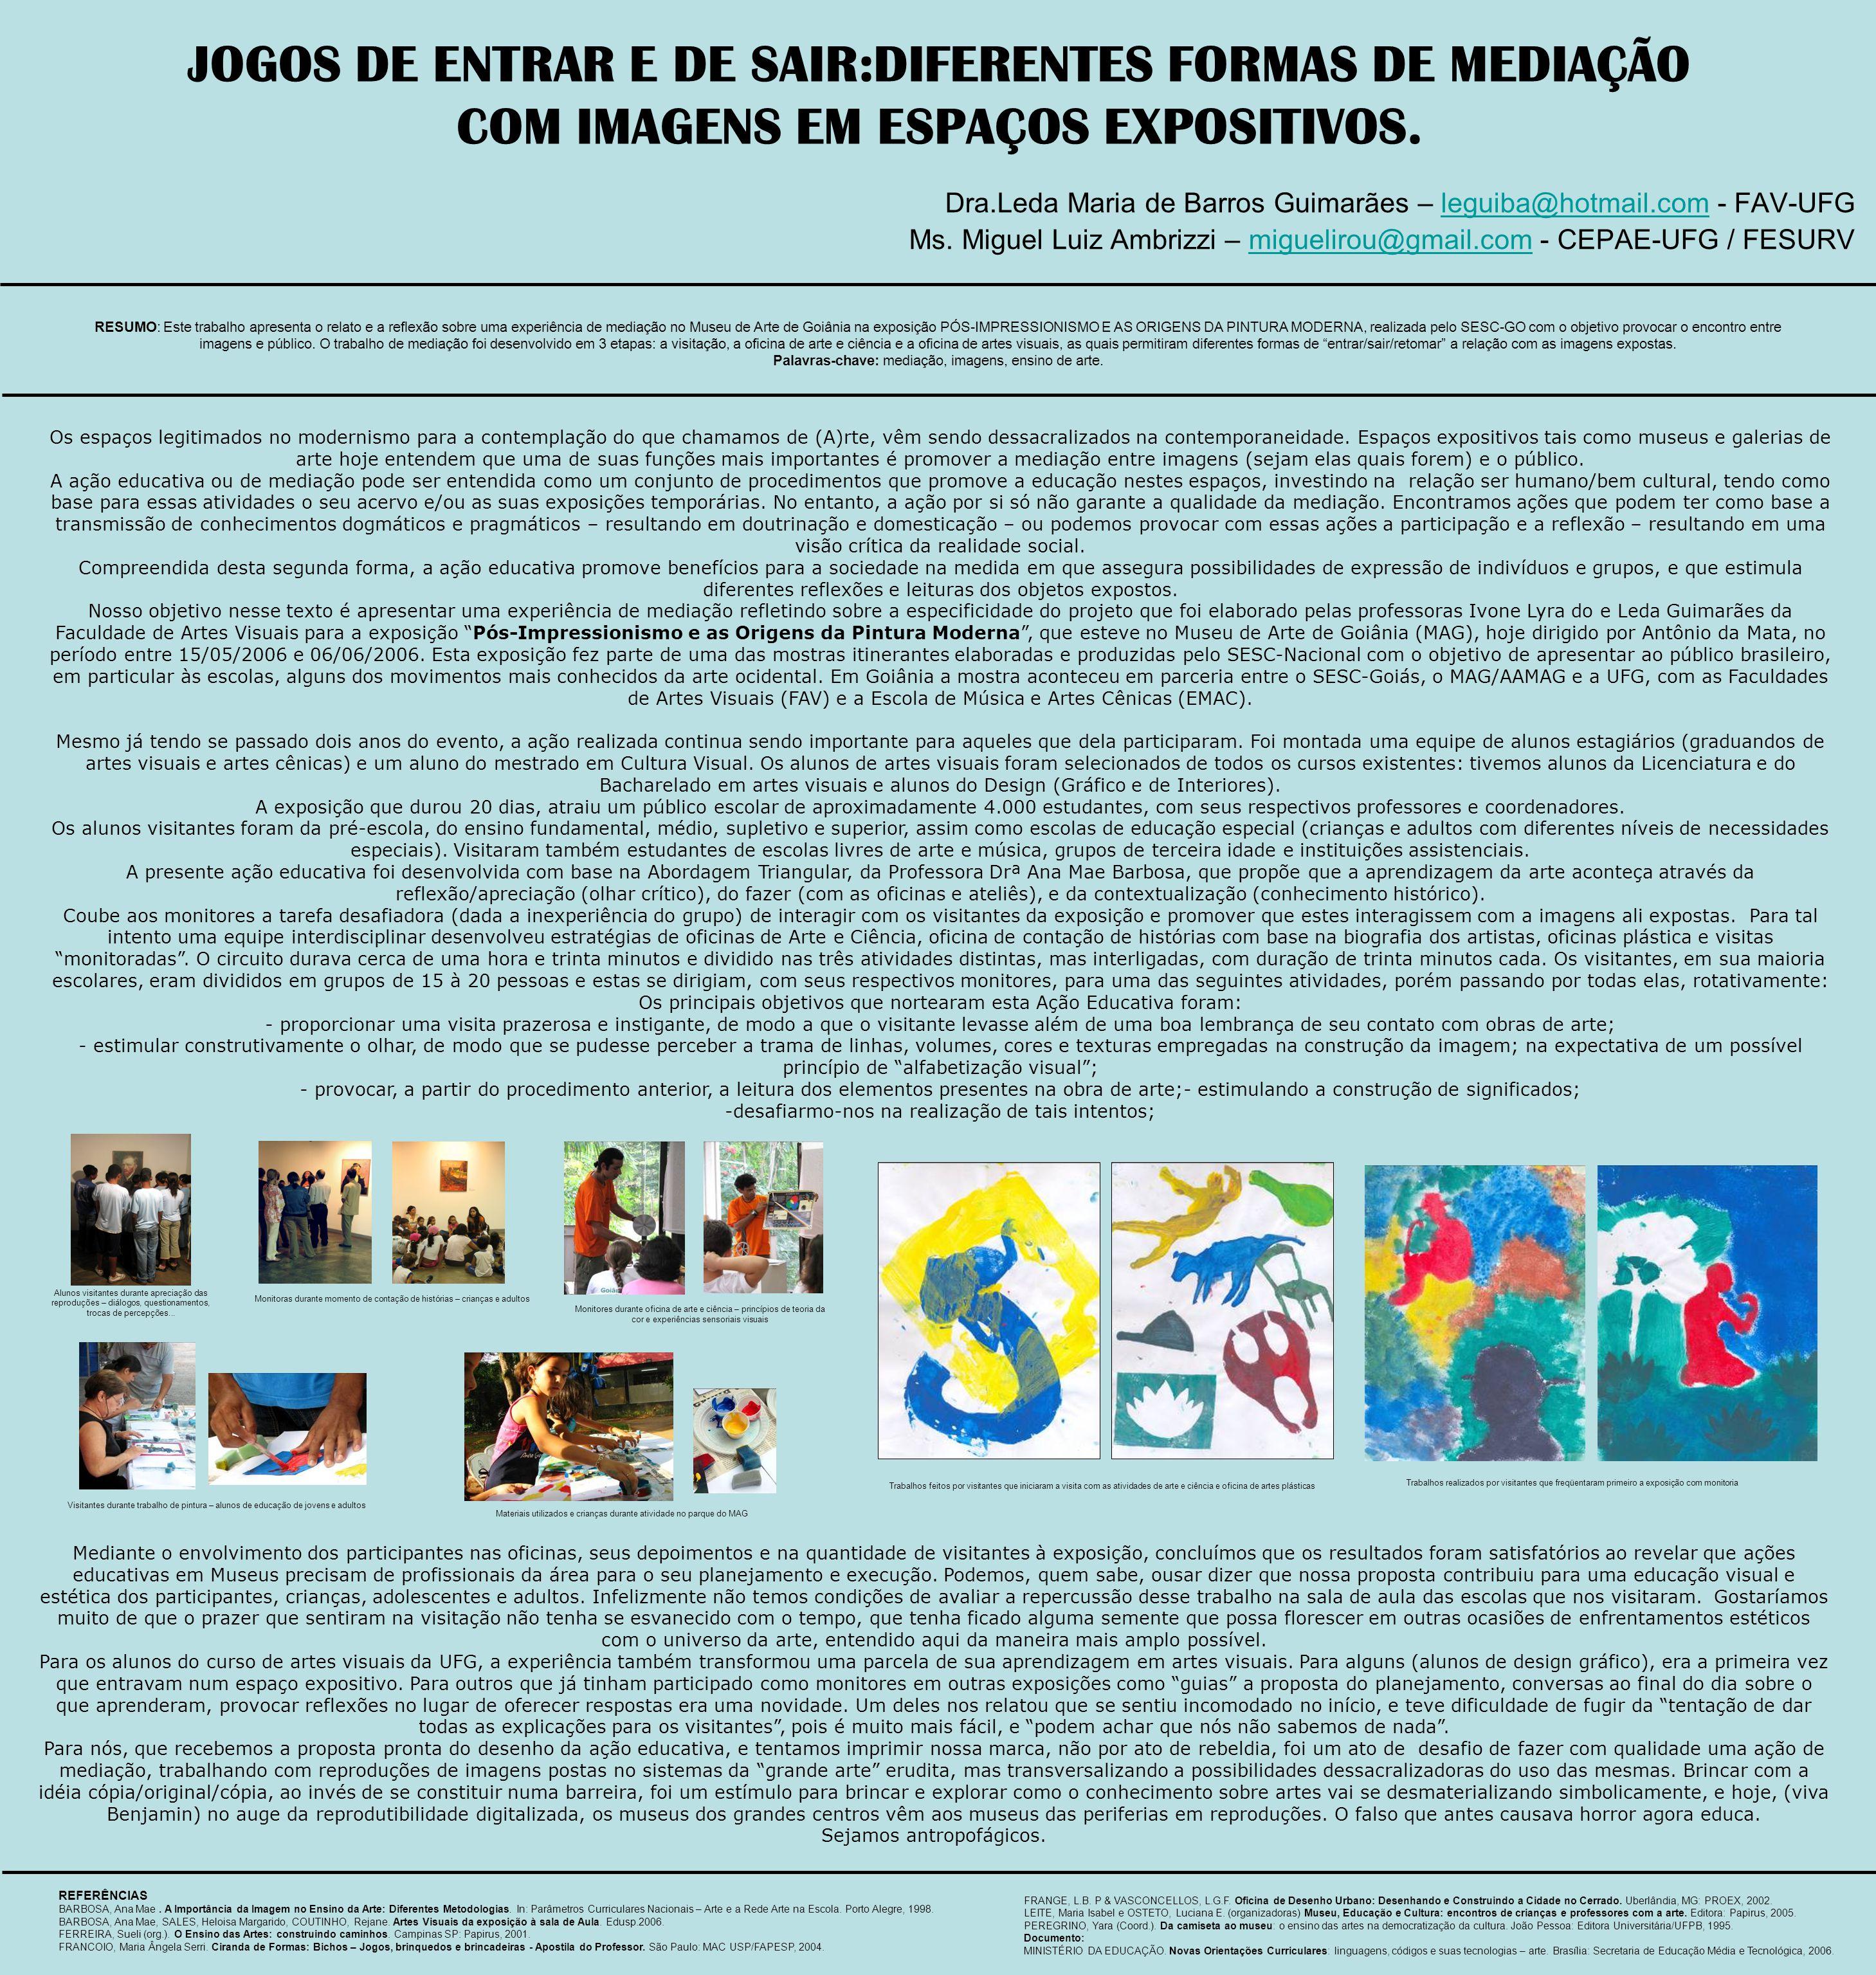 JOGOS DE ENTRAR E DE SAIR:DIFERENTES FORMAS DE MEDIAÇÃO COM IMAGENS EM ESPAÇOS EXPOSITIVOS. Dra.Leda Maria de Barros Guimarães – leguiba@hotmail.com -